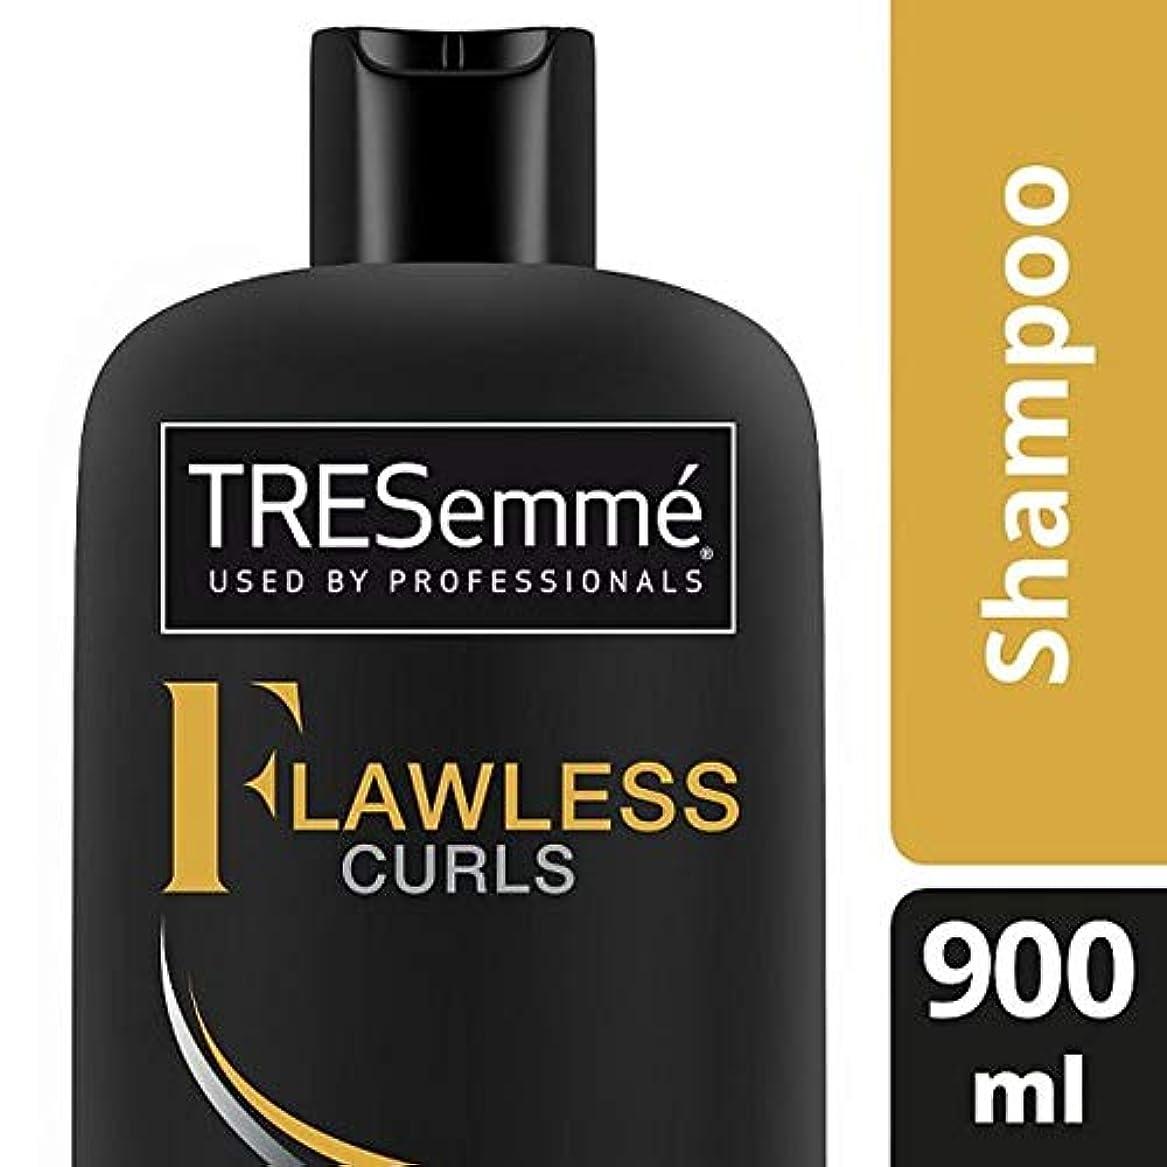 セットする物足りない週末[Tresemme] Tresemme金シャンプー900ミリリットル - Tresemme Gold Shampoo 900Ml [並行輸入品]